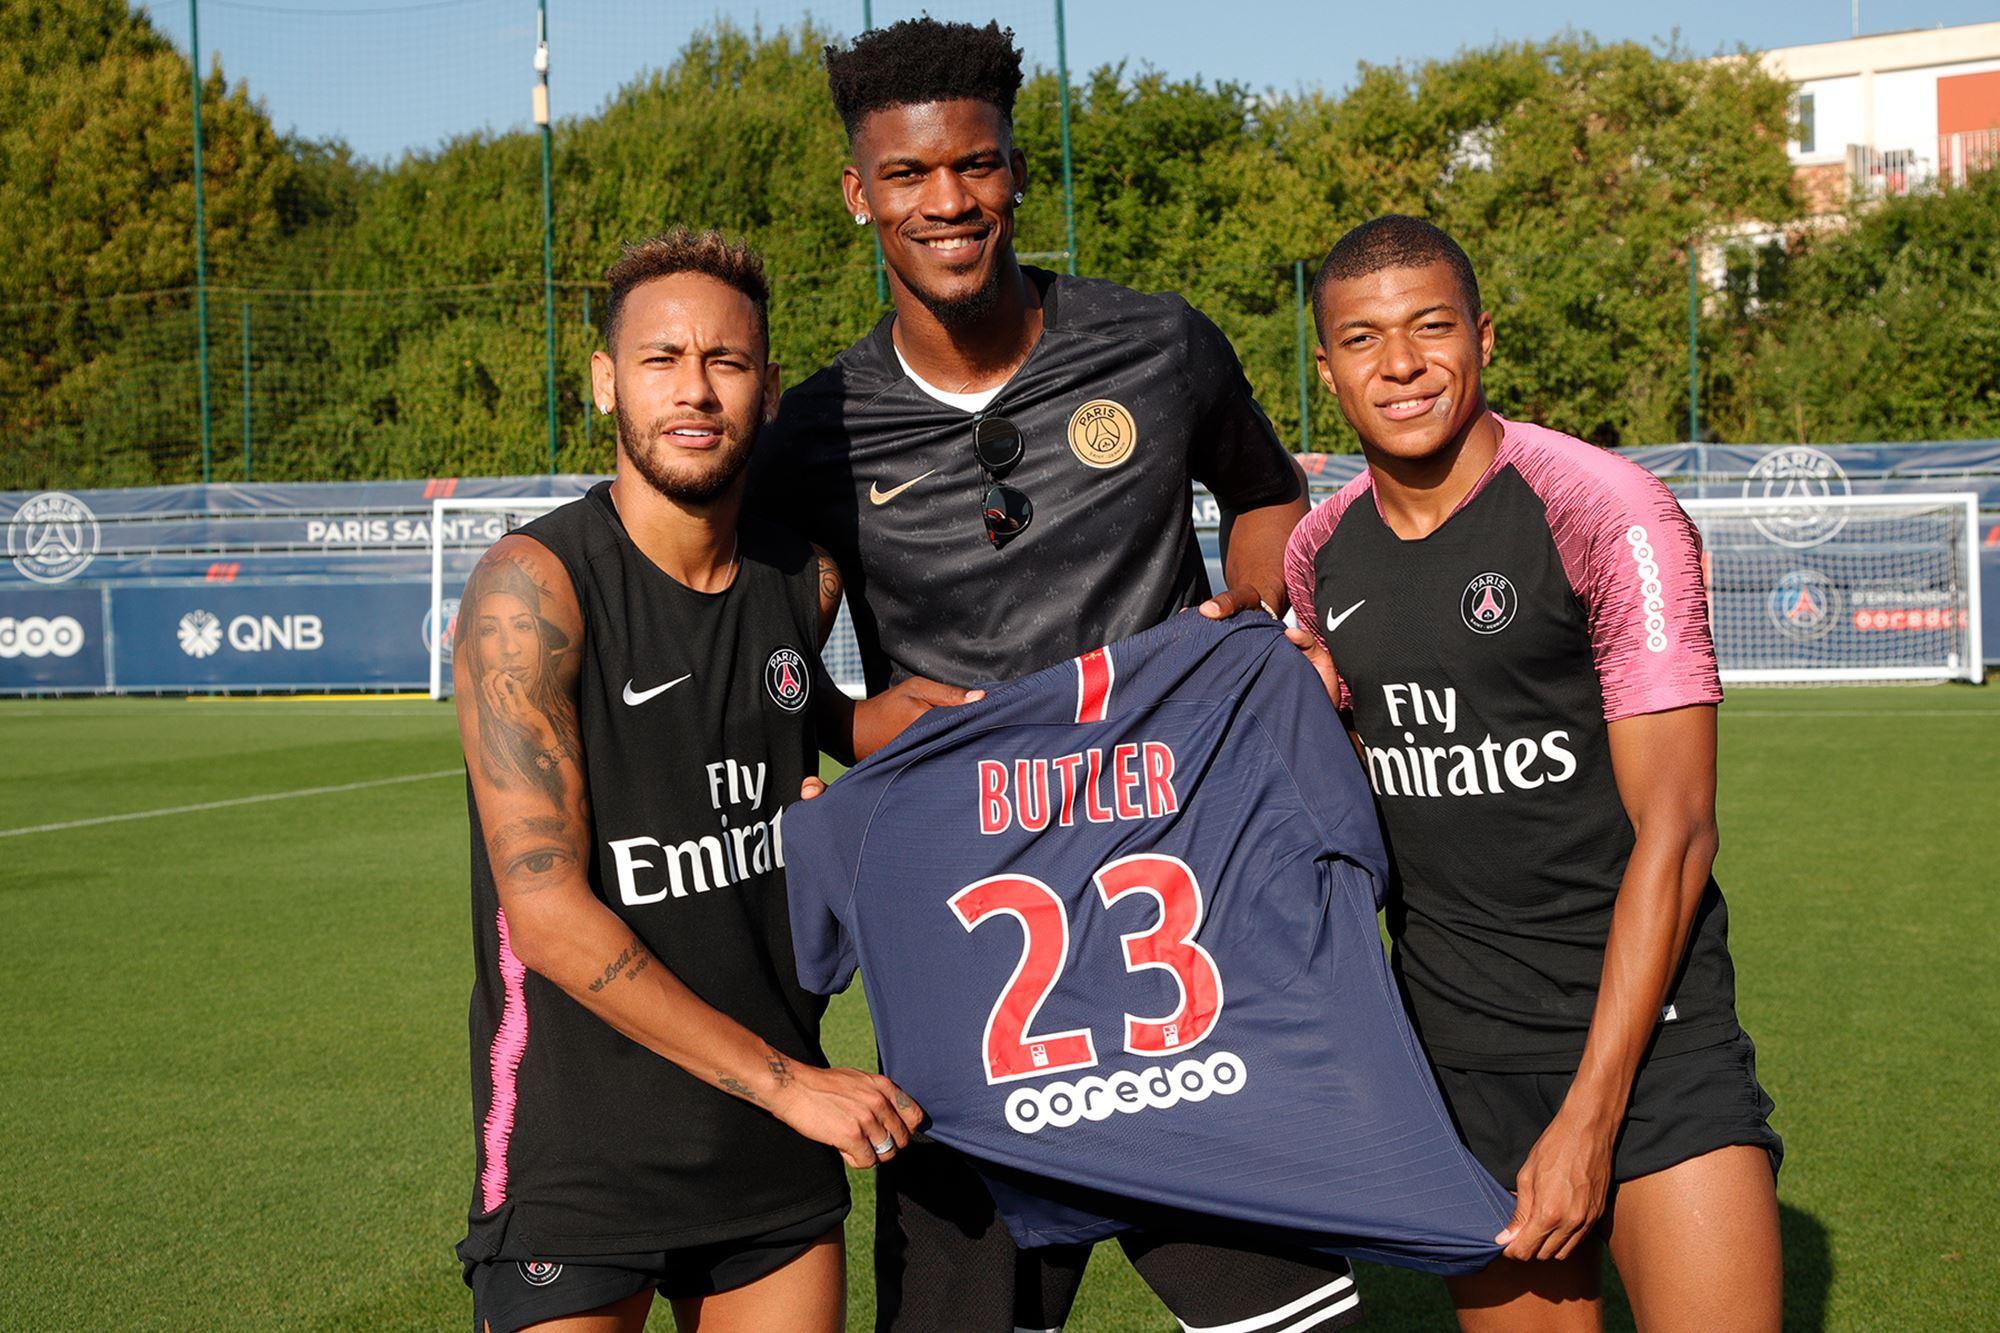 Jimmy Butler, Neymar et Mbappé (crédit photo PSG.Fr)